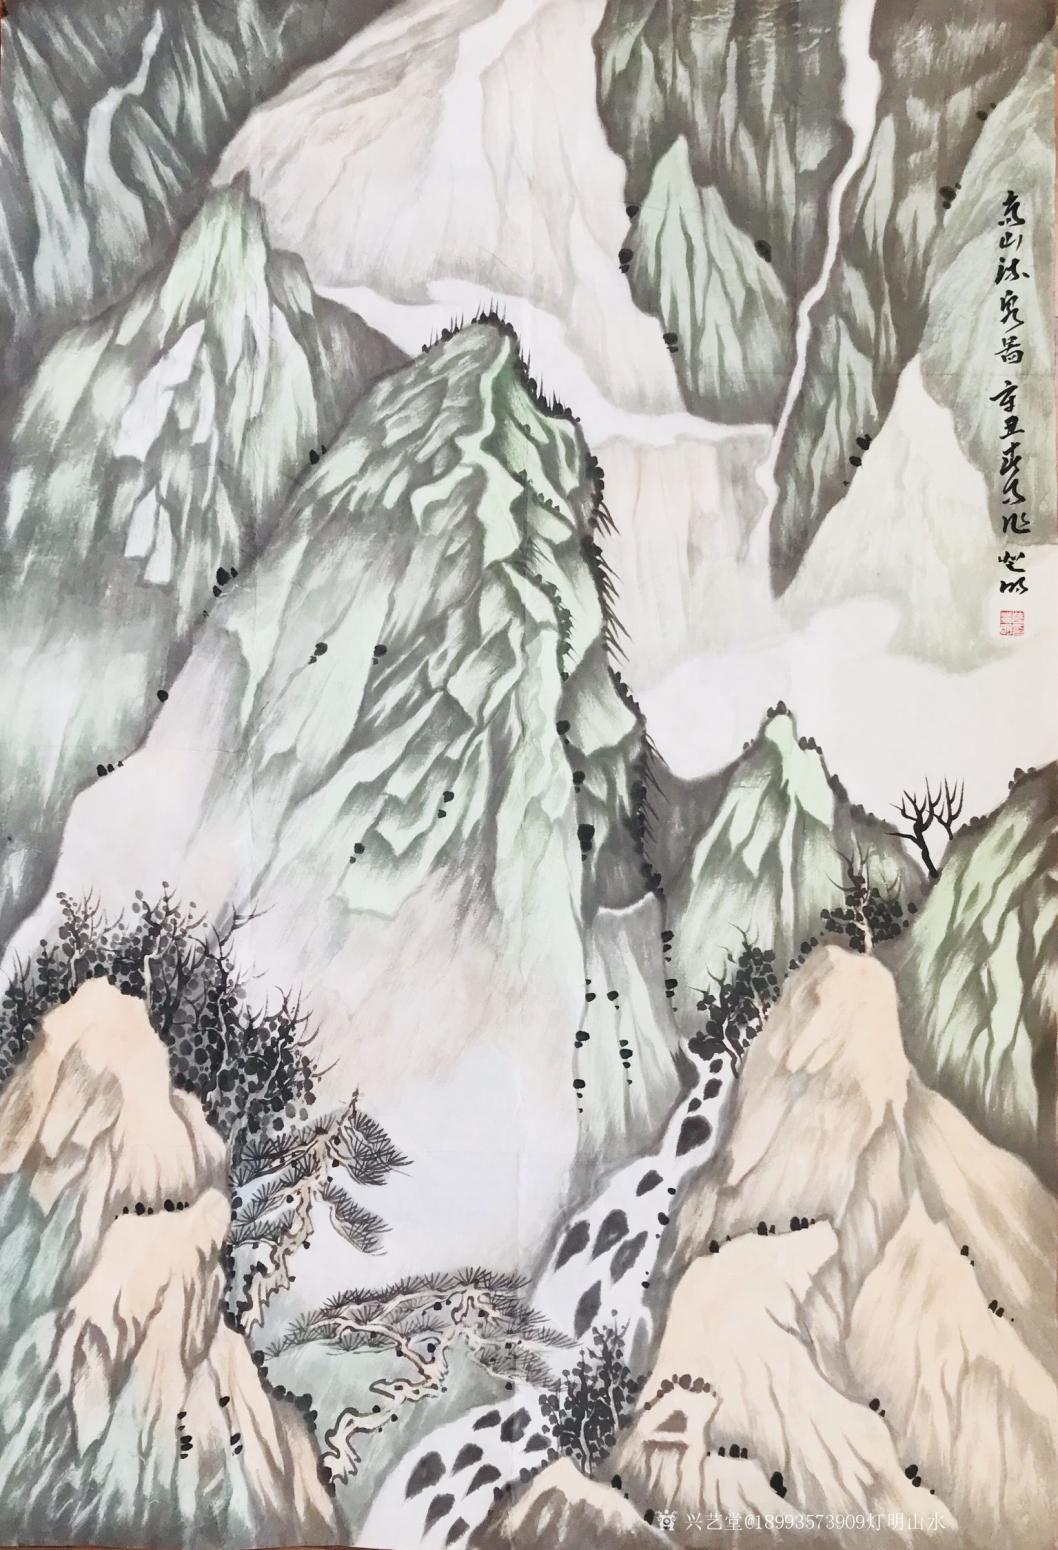 陆登明国画作品《清泉石上流》【图0】